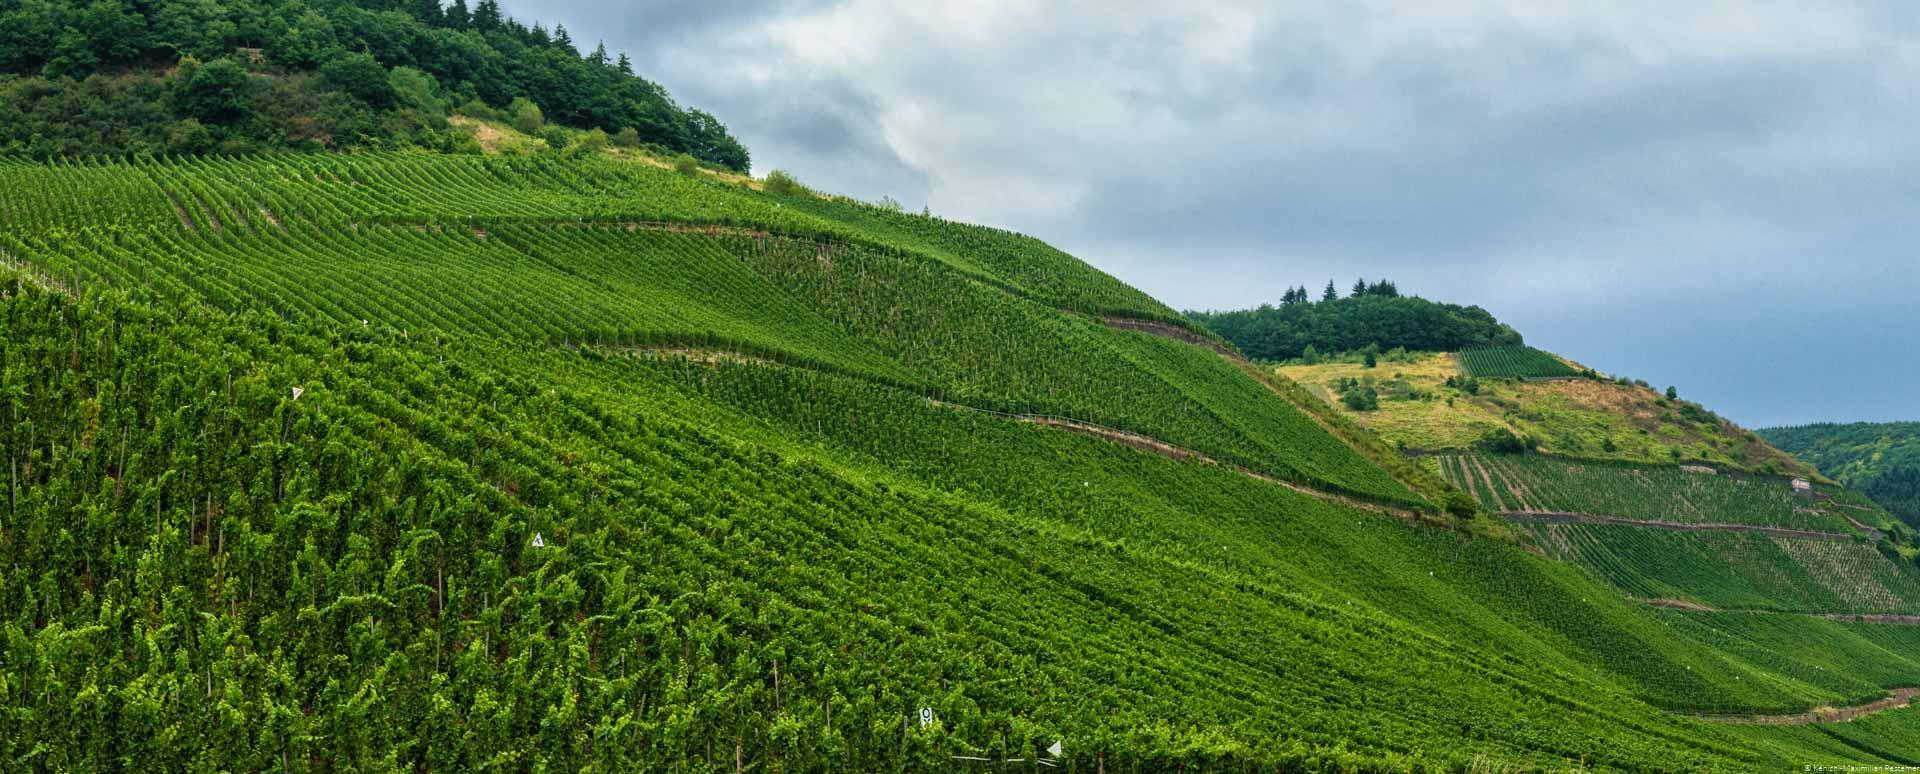 Der Weinberg Schweicher Burgmauer ist unten und in der Mitte und es sind Regenwolken am Himmel oben rechts. Oben links ist etwas Wald.